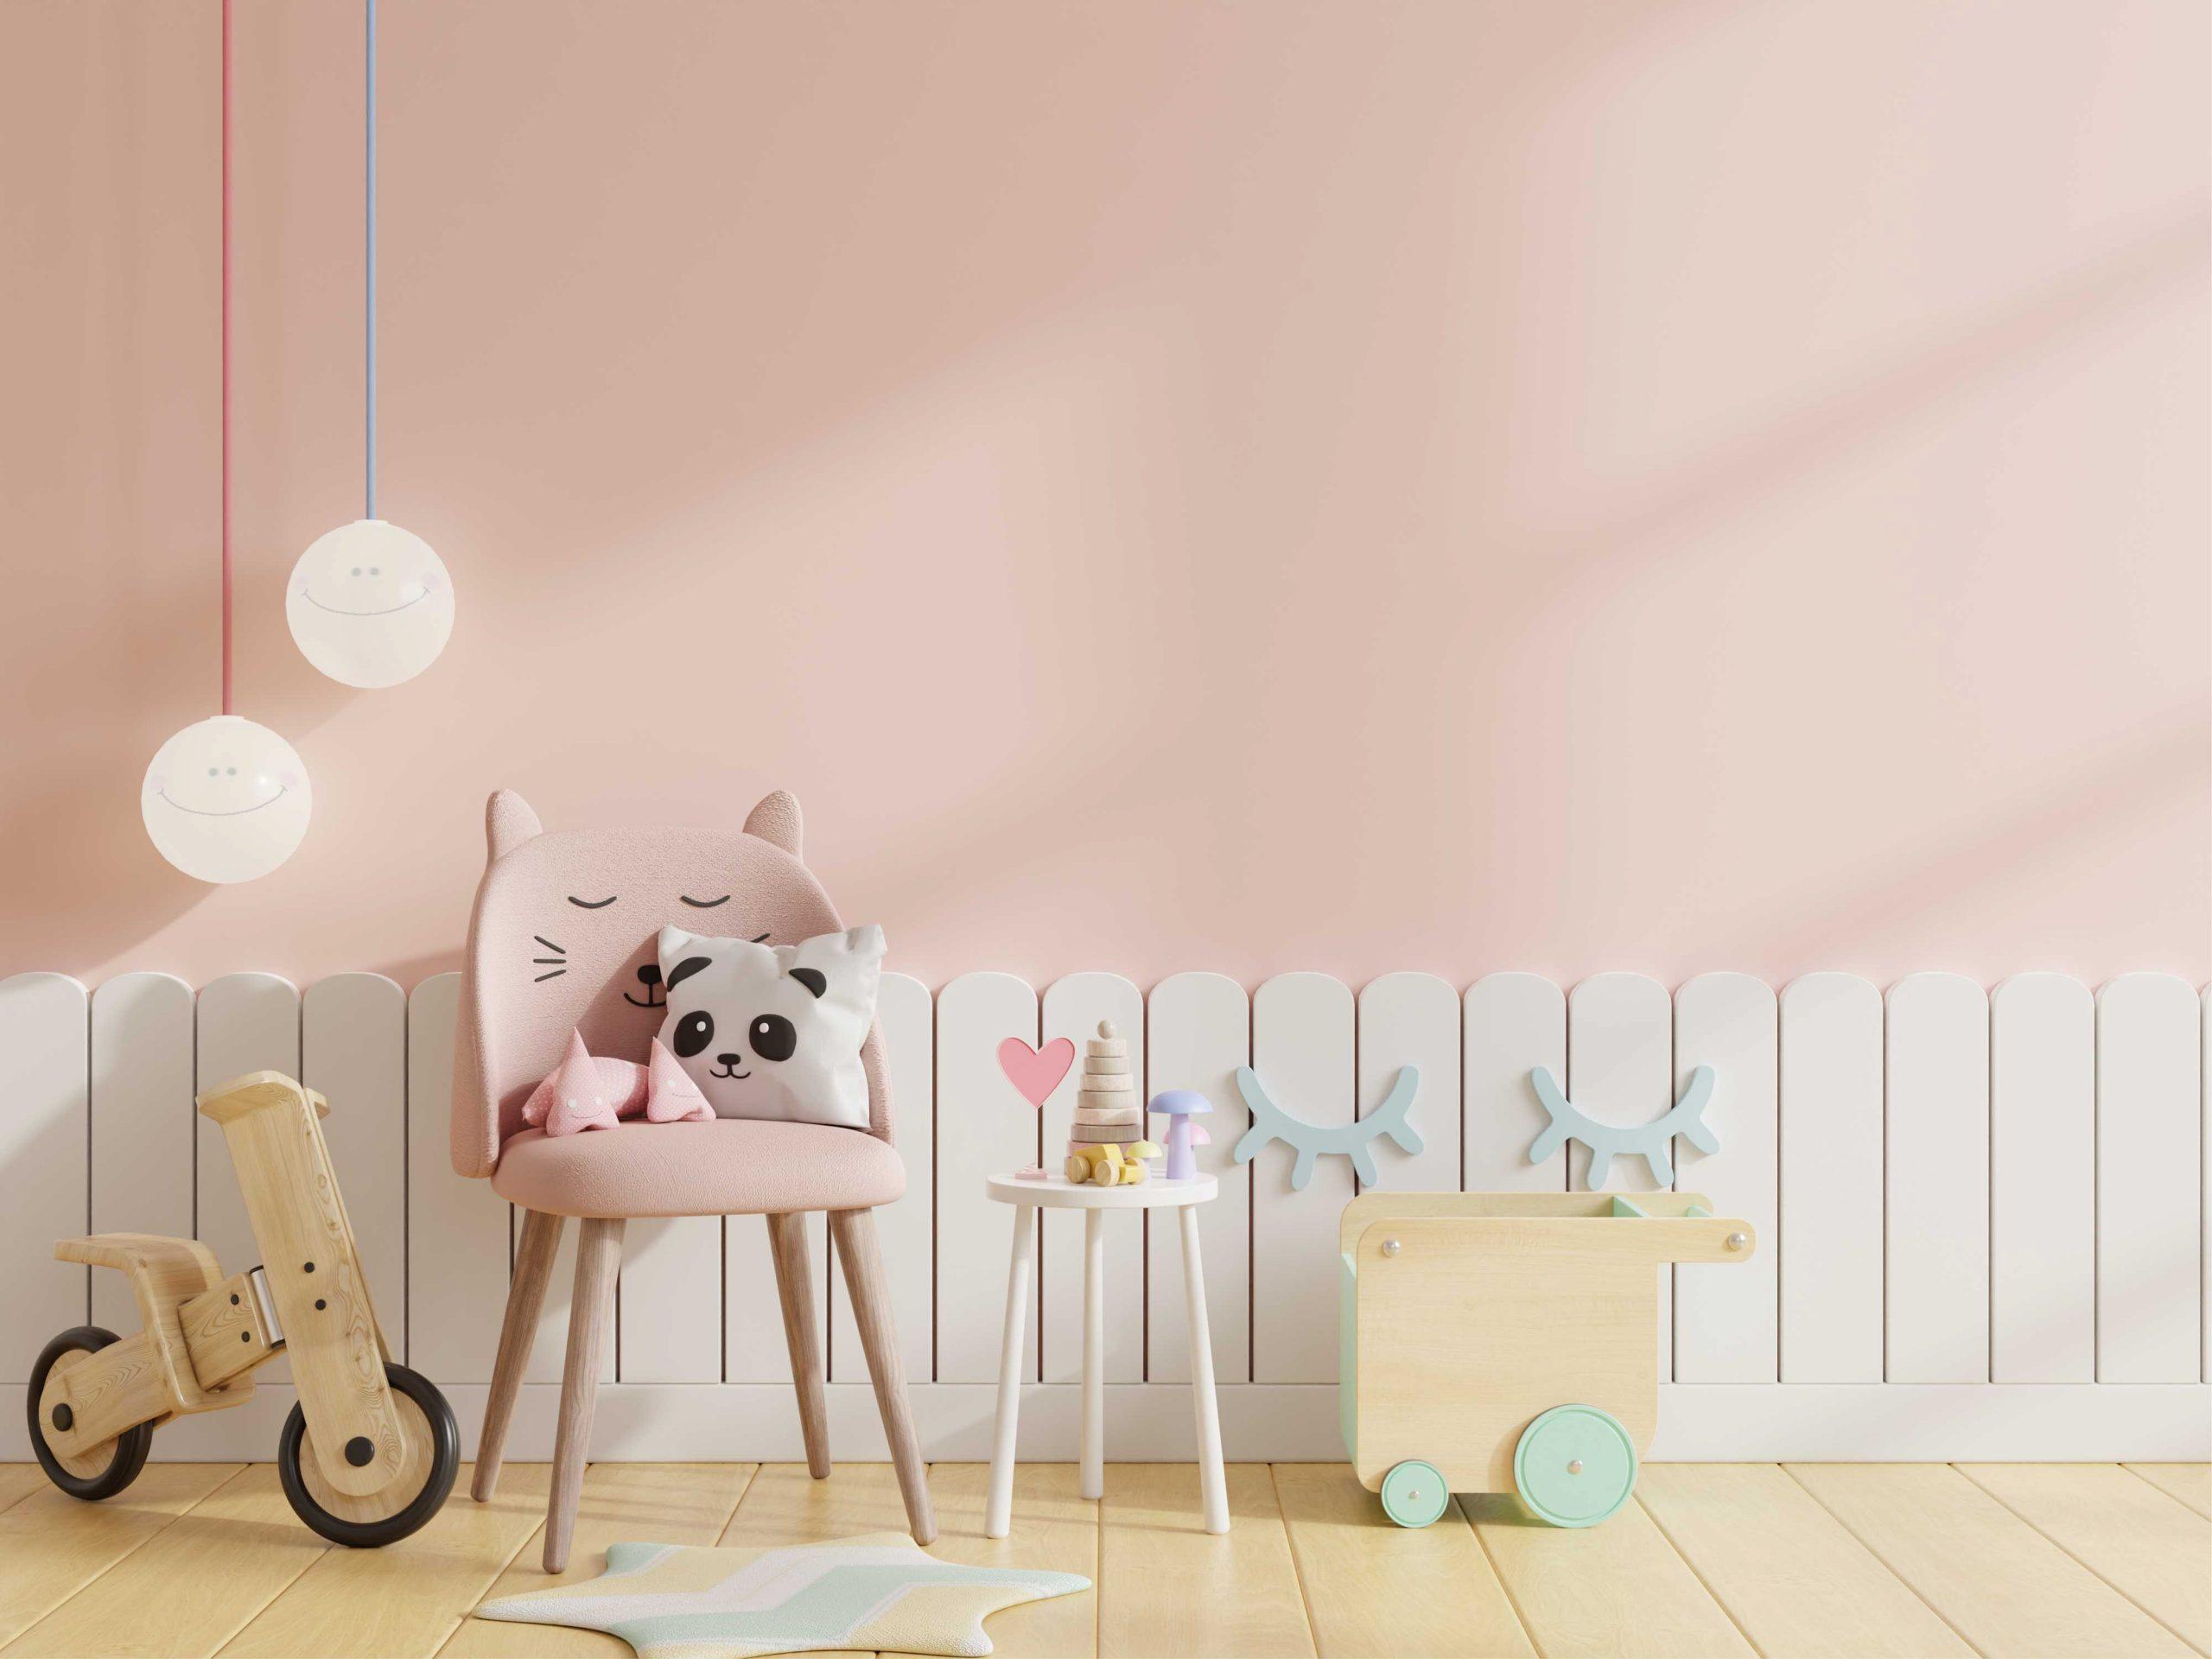 Decorando o quarto do bebê de forma rápida e barata